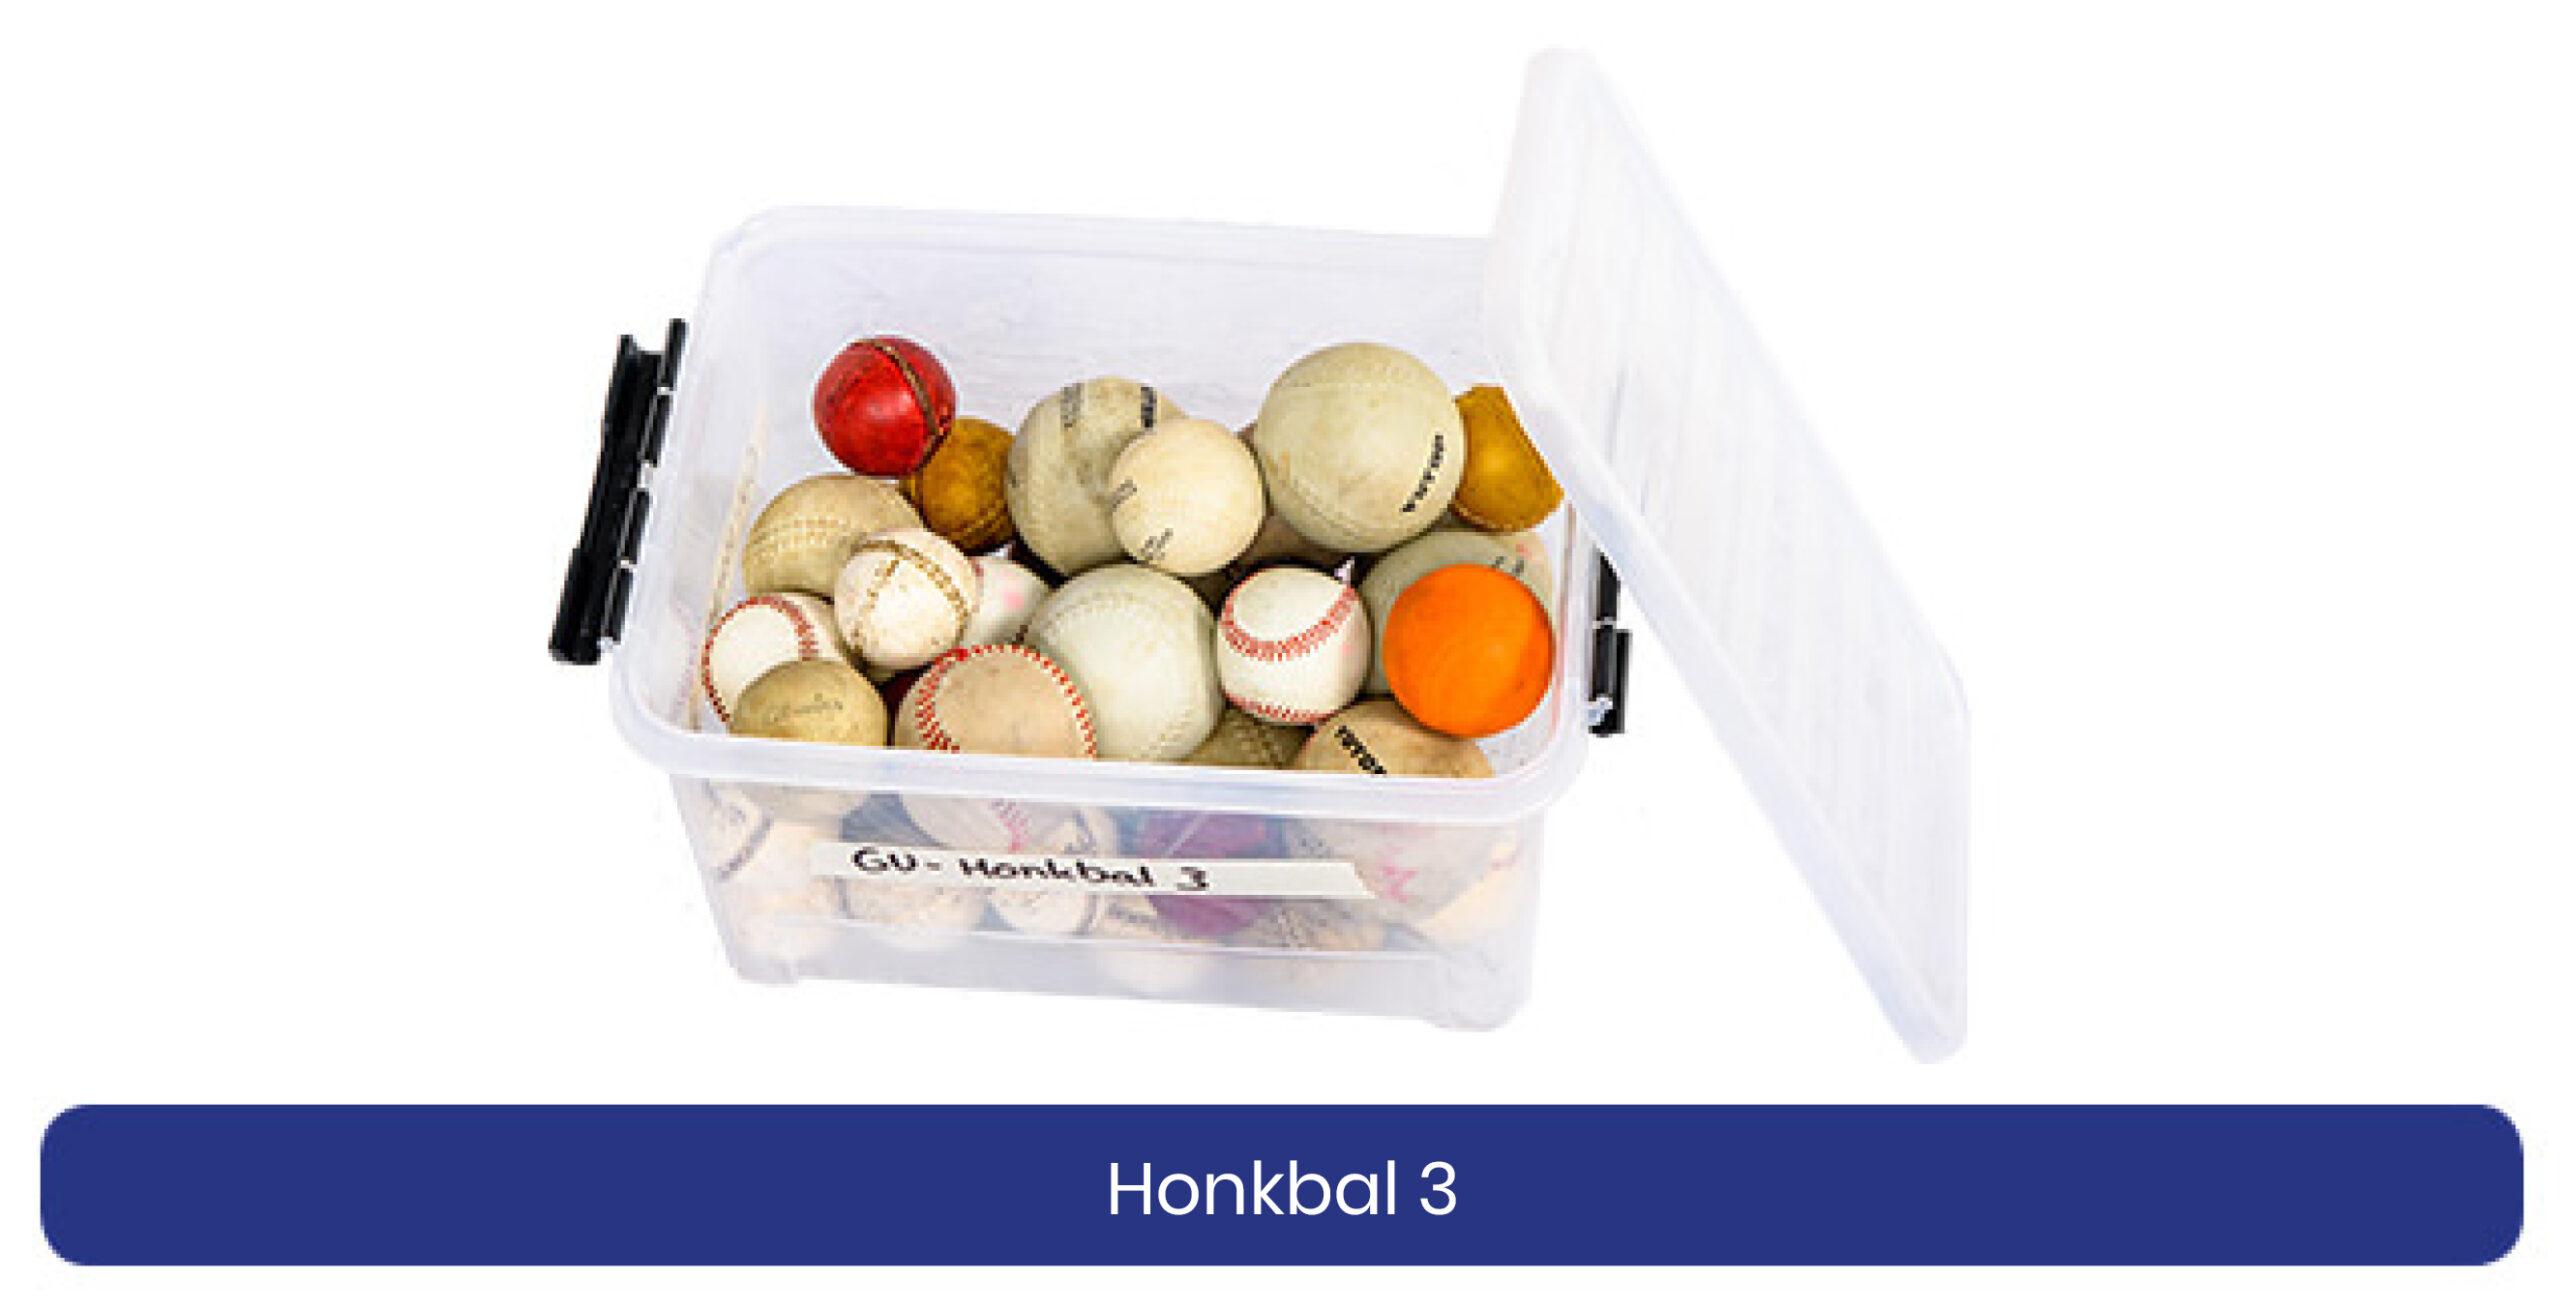 Honkbal 3 lenen product